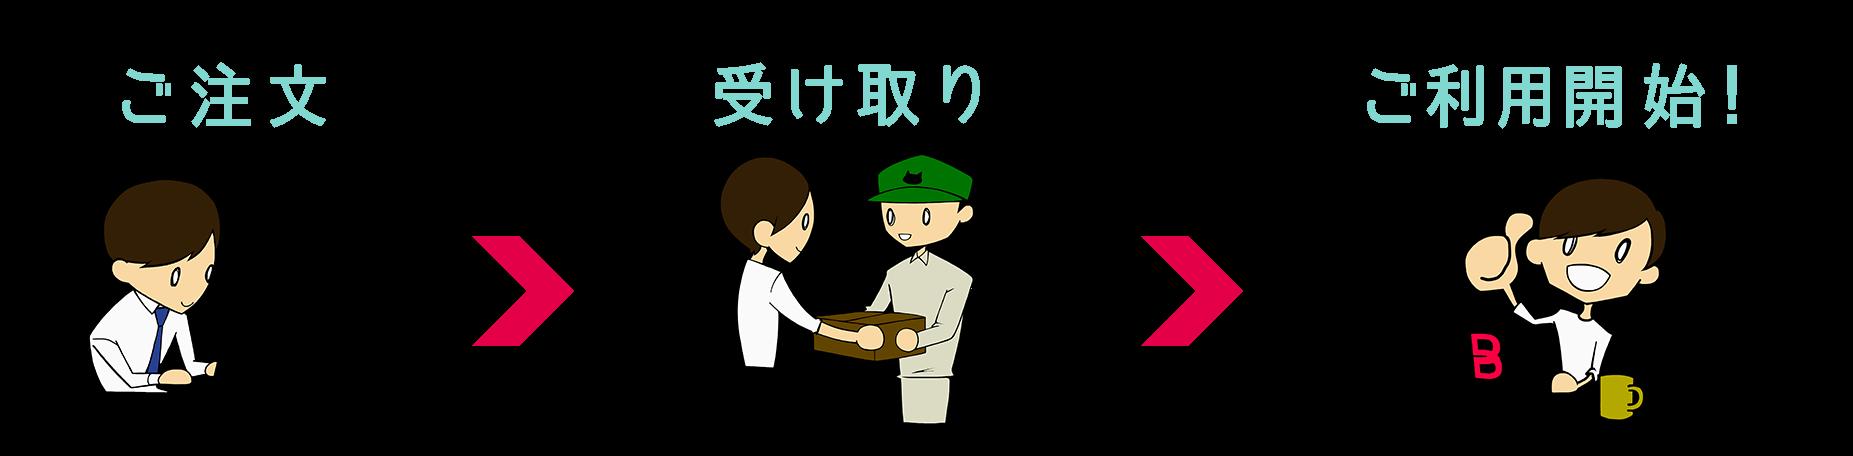 rental-rule